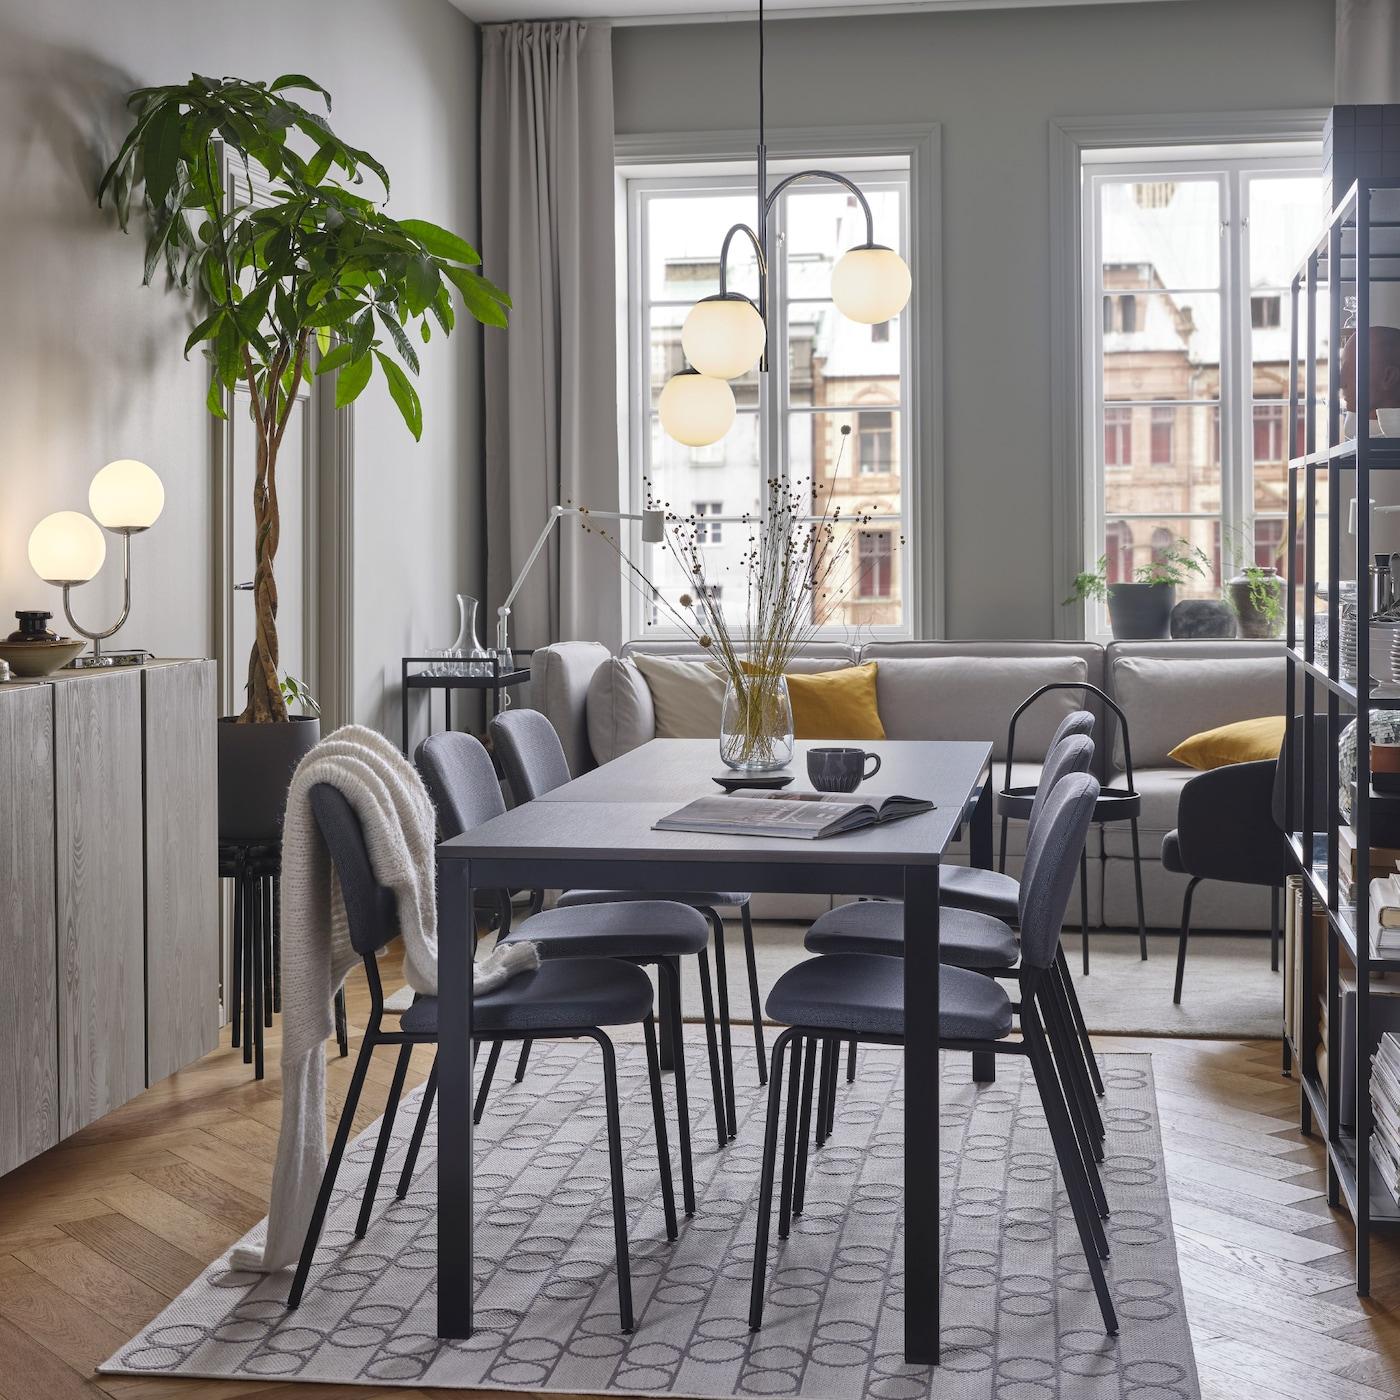 Meja berwarna hitam/coklat gelap dan kerusi berwarna kelabu terletak di atas ambal corak geometri. Di atasnya terdapat lampu pendan bersadur krom 3 lengan.